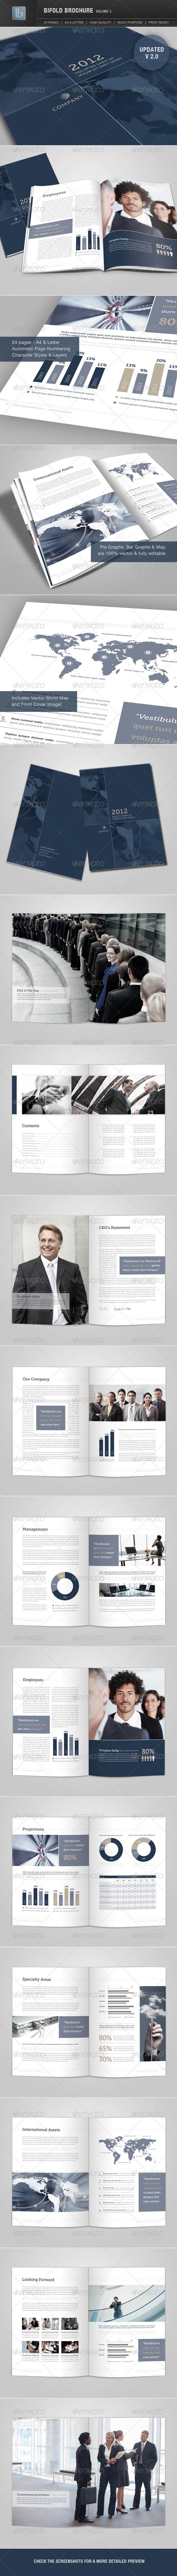 Bifold Brochure   Volume 3 - Corporate Brochures